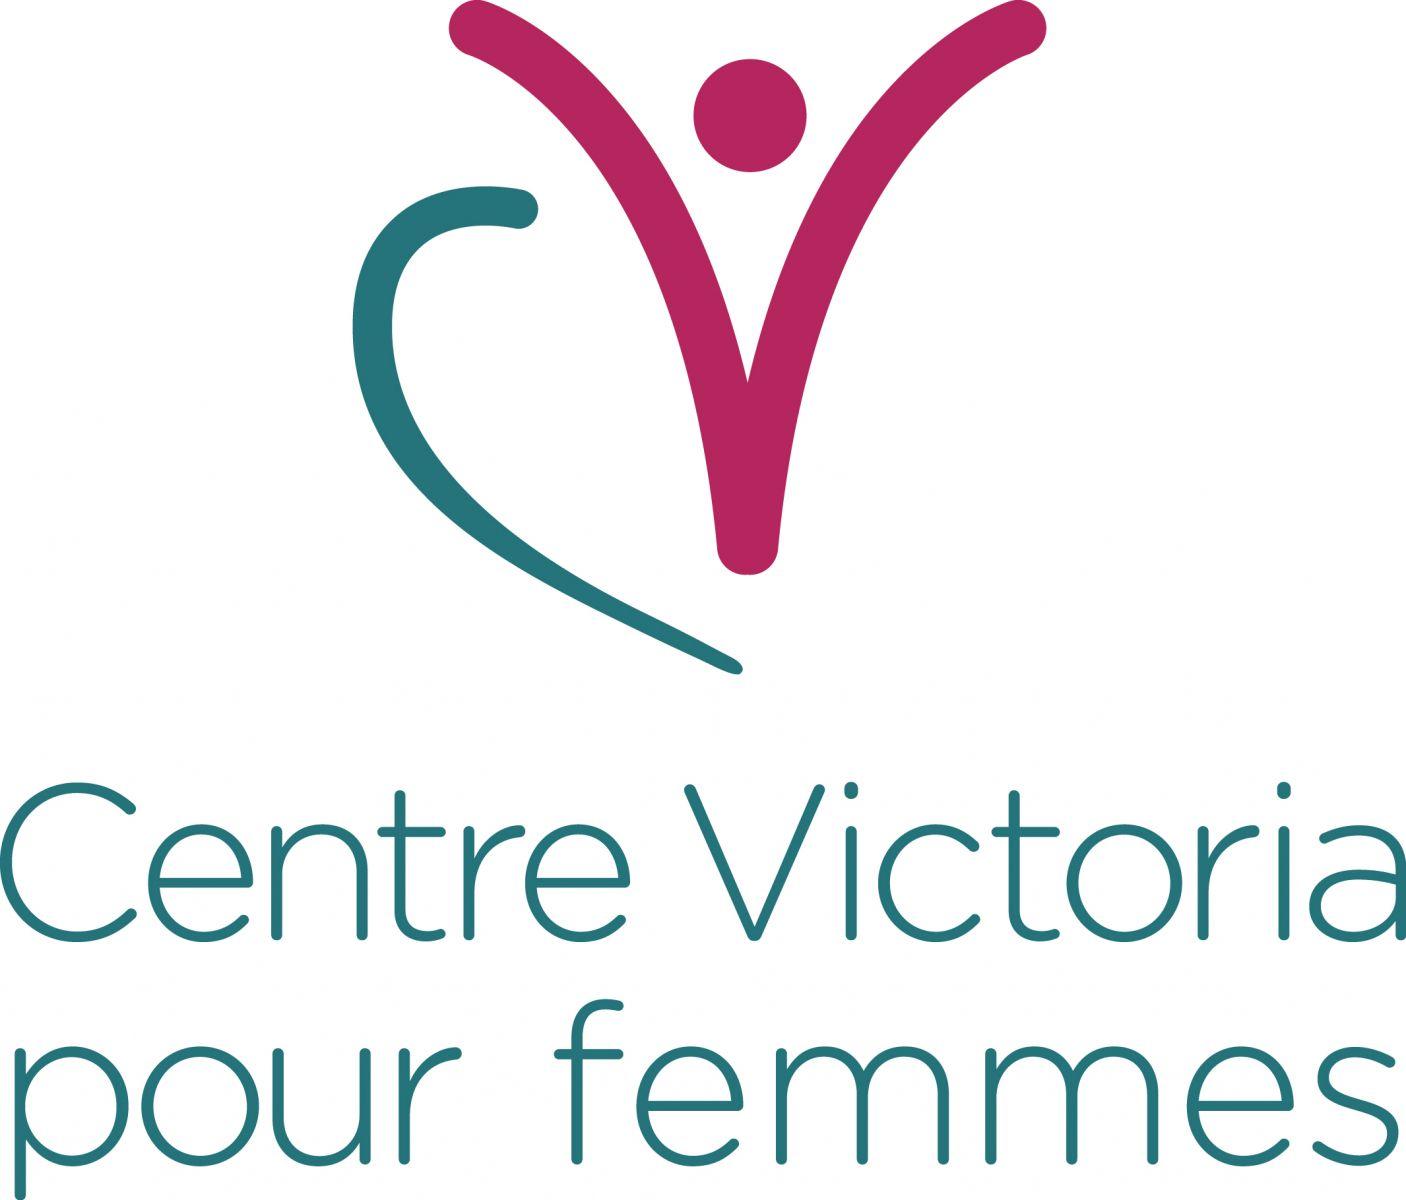 Logo of the Centre Victoria pour femmes